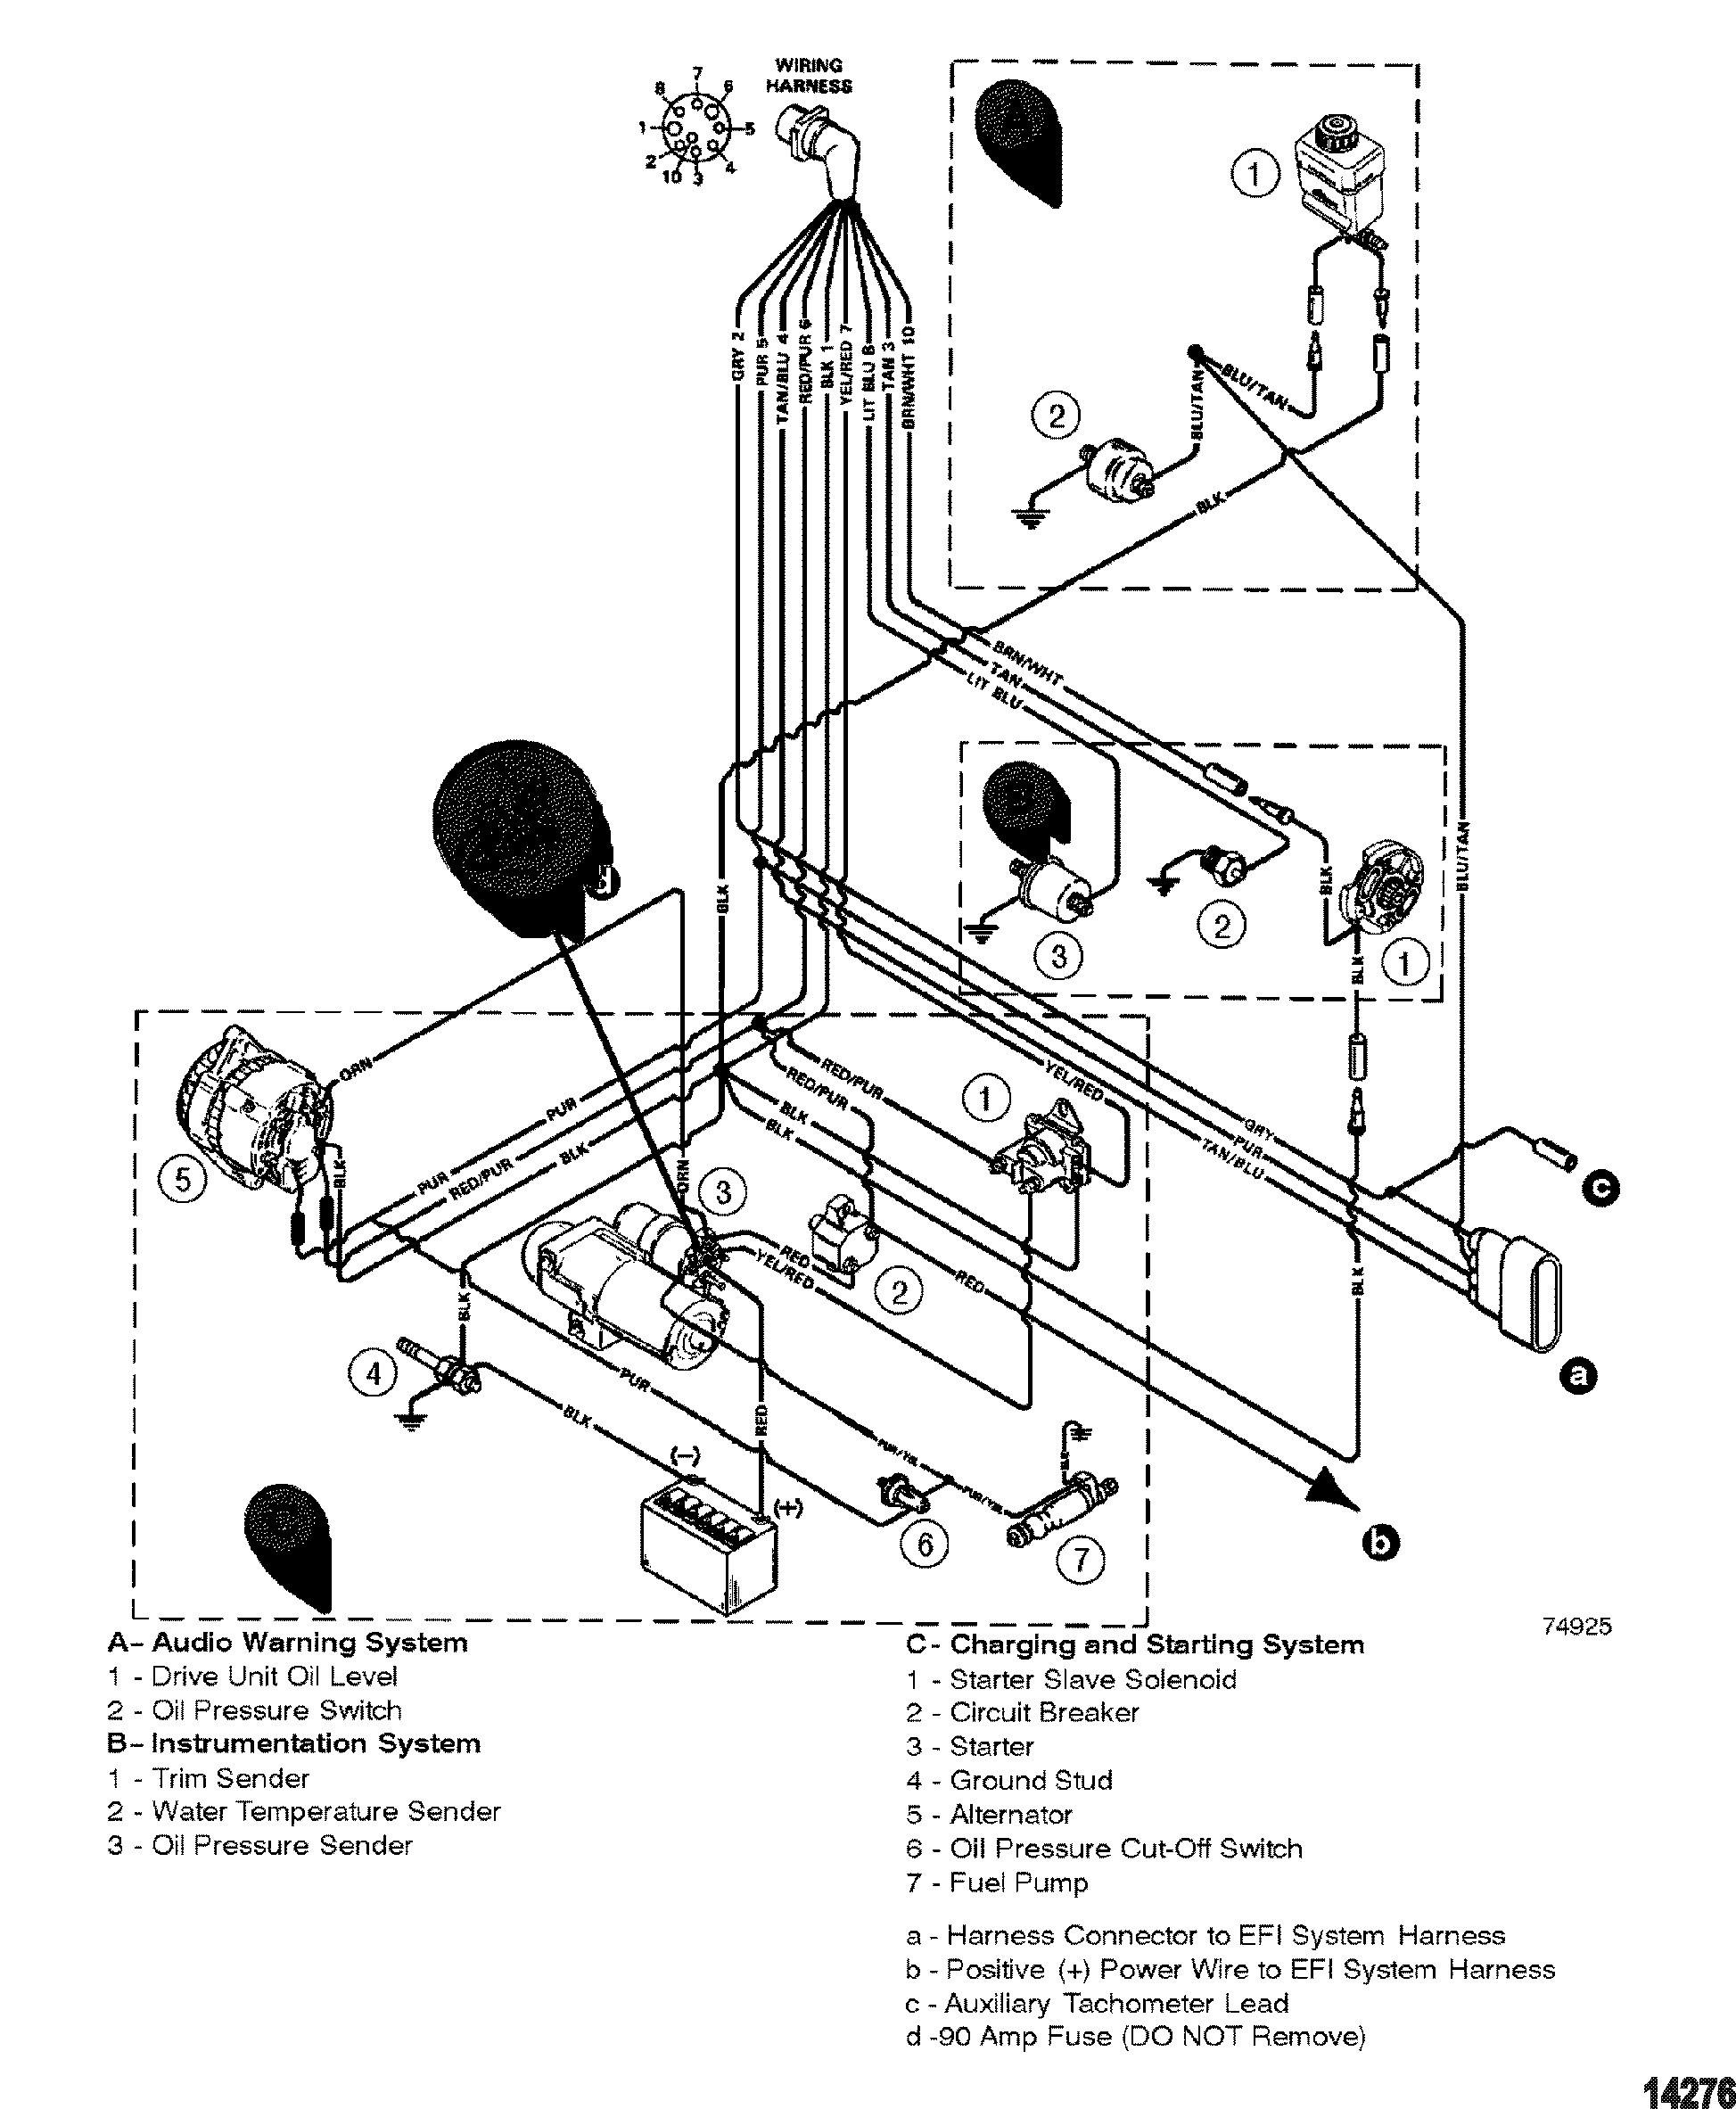 Mercruiser Trim Sender Wiring Diagram